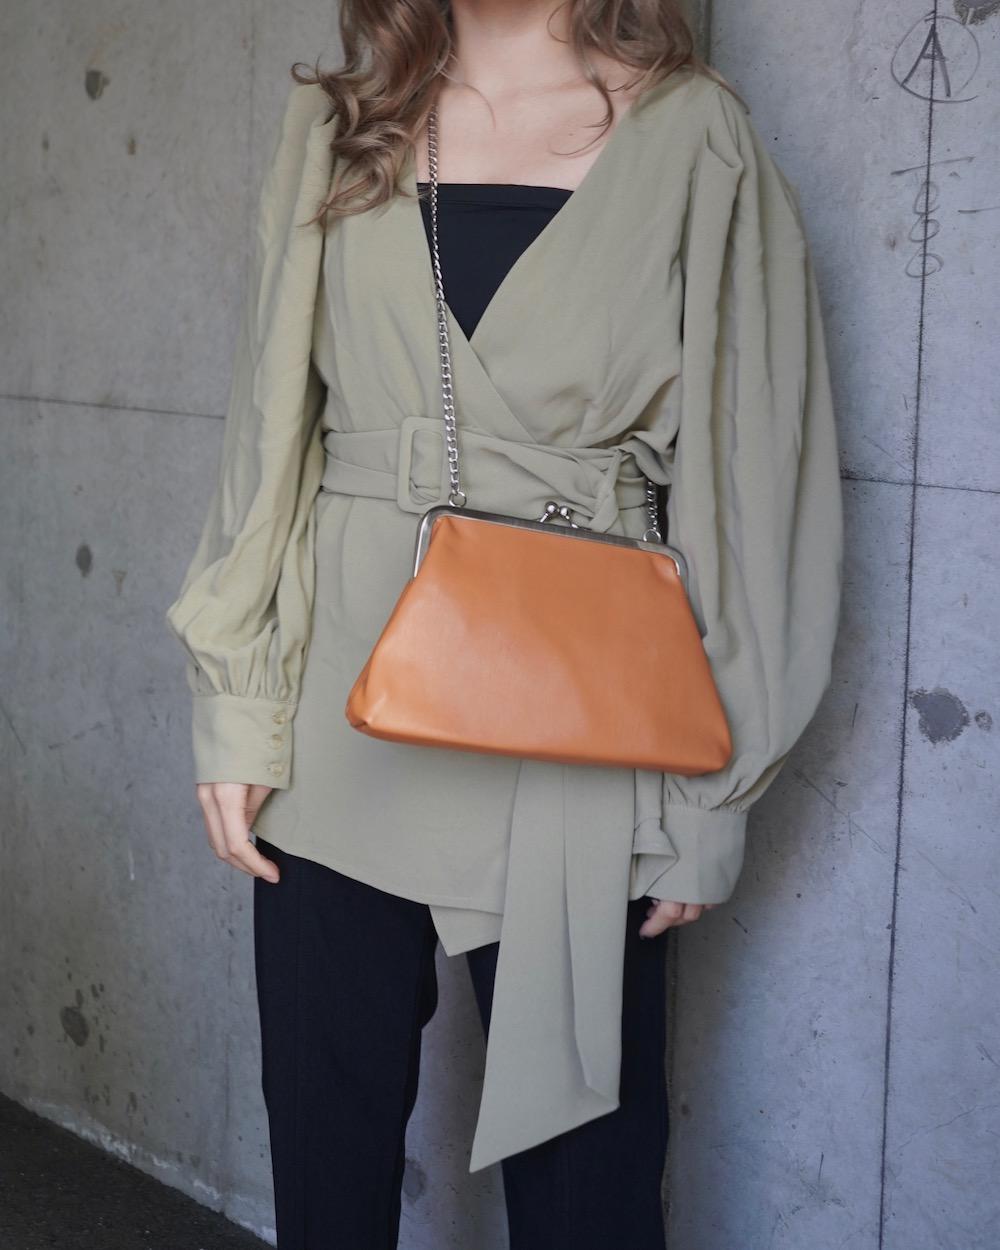 Silver Chain Purse Frame Shoulder Bag(camel)